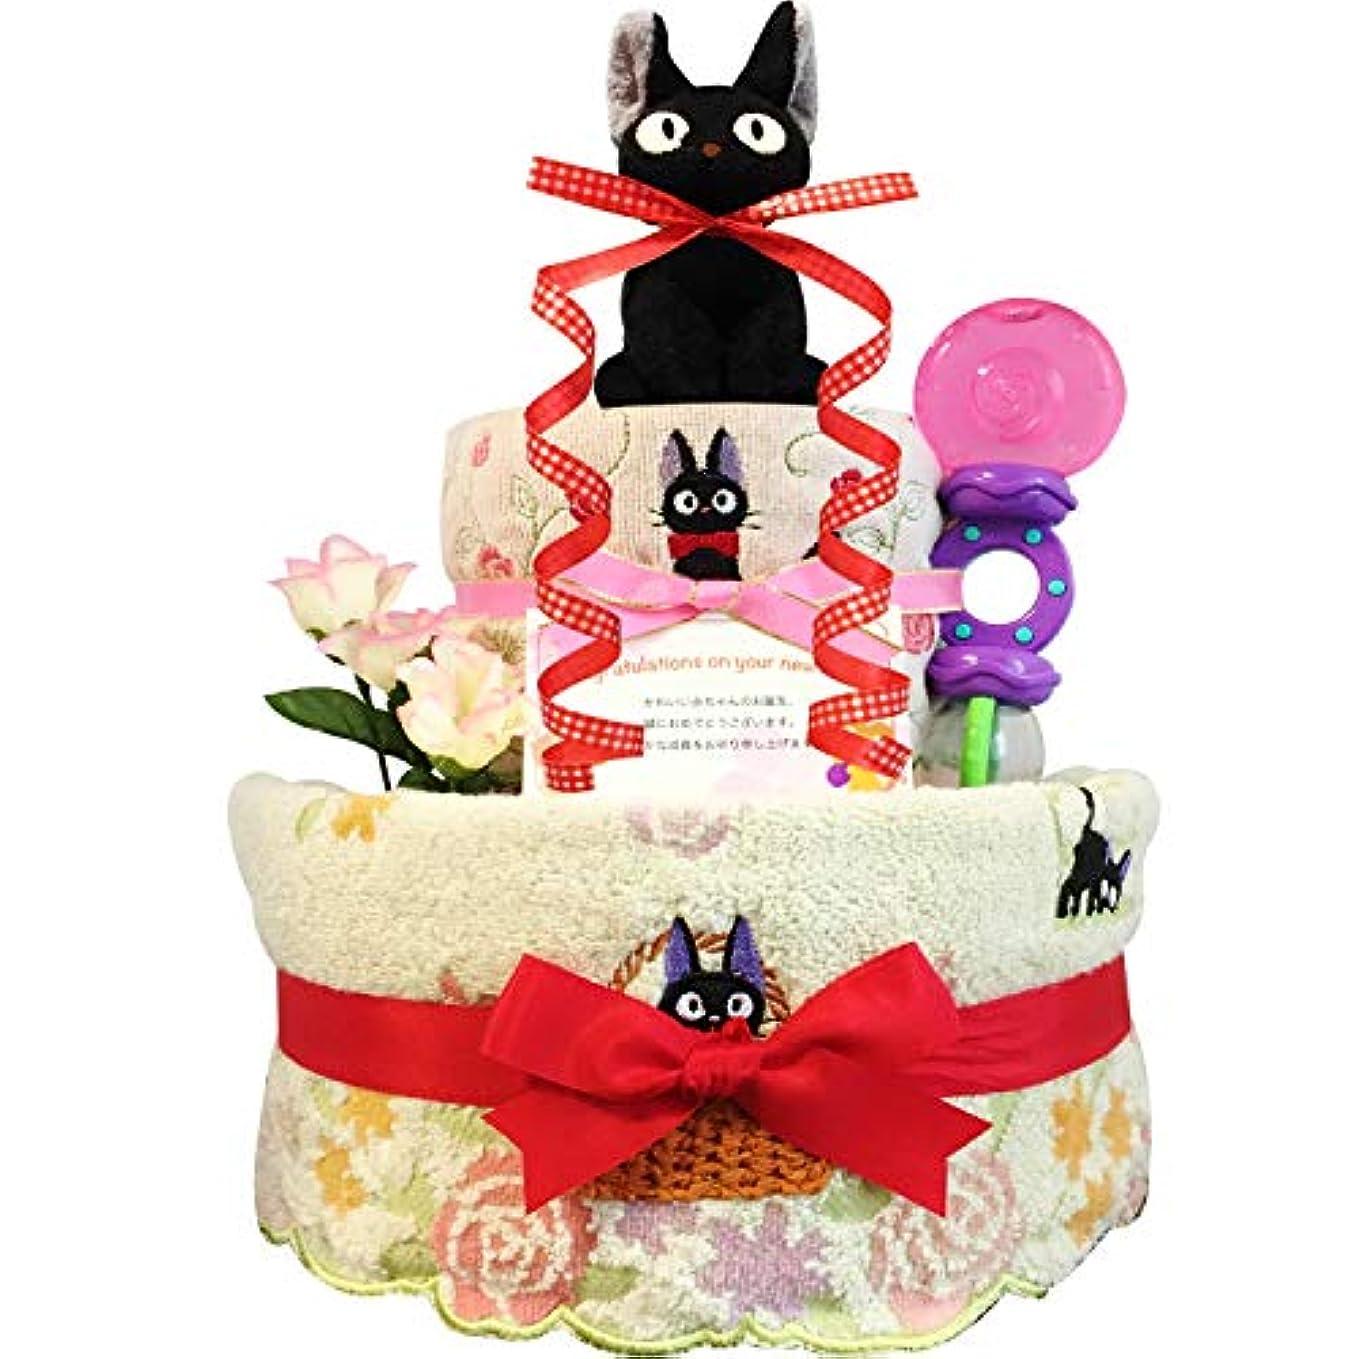 ゲート夢光おむつケーキ [ 女の子/ジジ : 魔女の宅急便 / 2段 ] パンパース S22枚 (出産祝い に Sサイズ)2001 ダイパーケーキ 赤ちゃん ベビーシャワー ギフト 誕生日プレゼント